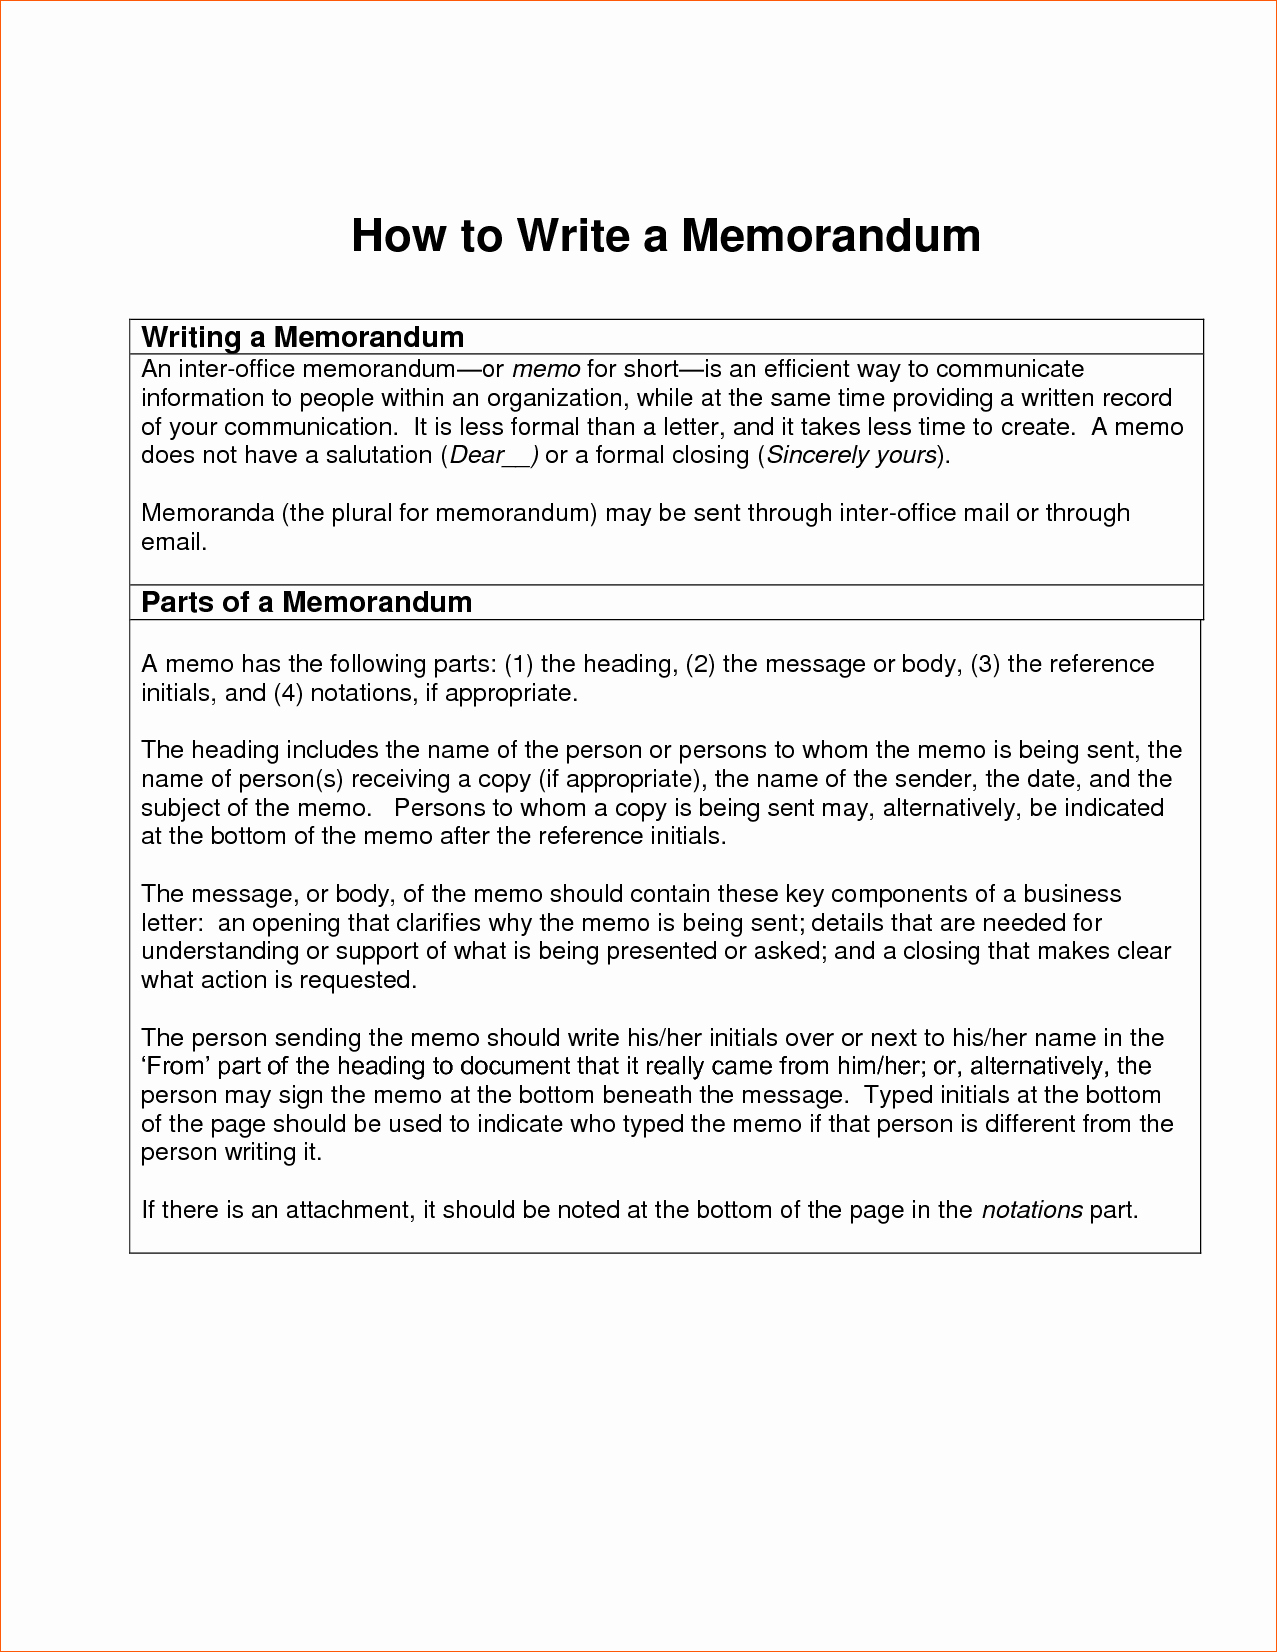 How to Draft A Memo Beautiful 10 How to Write A Memorandum